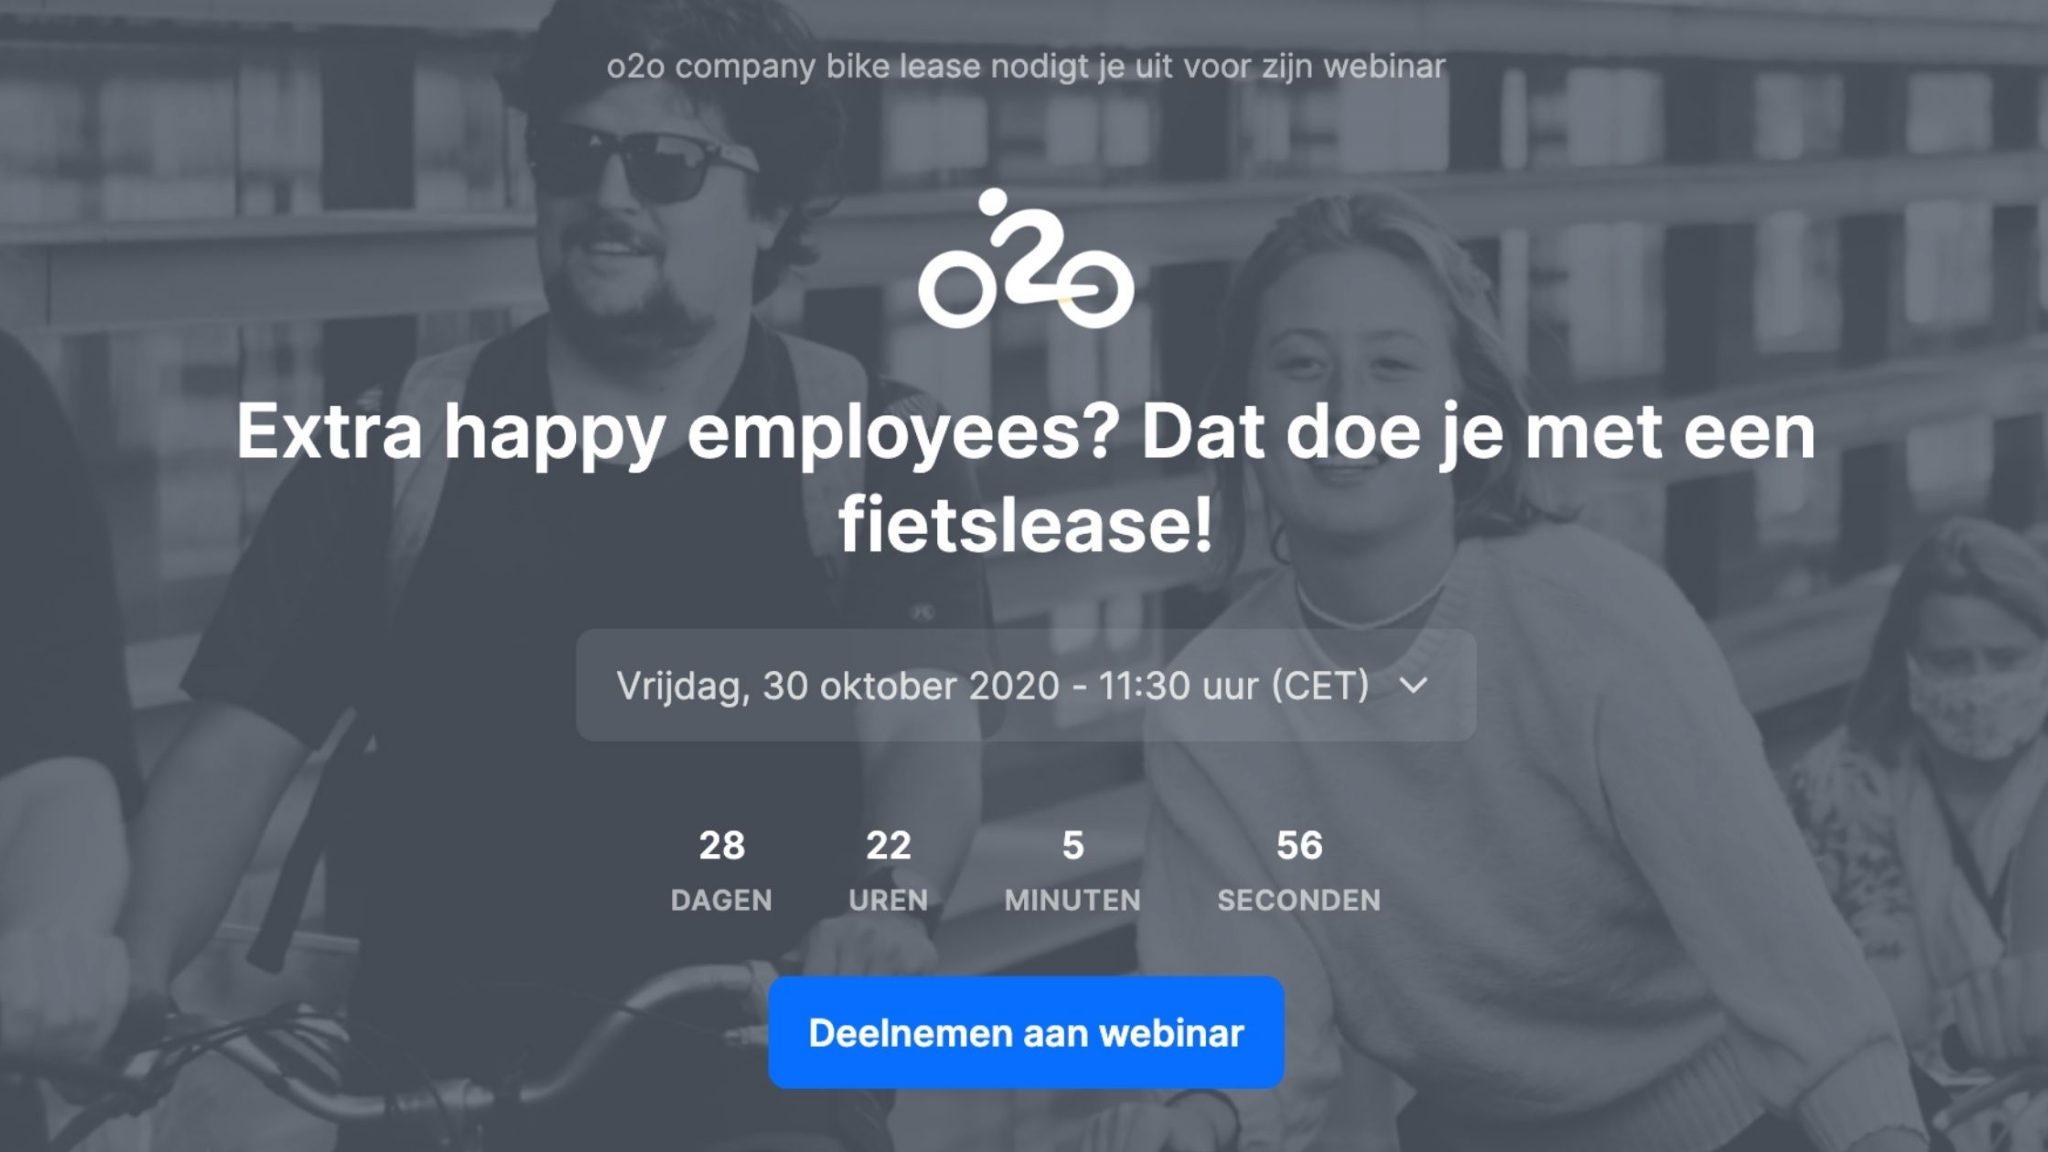 fietsleasing webinar